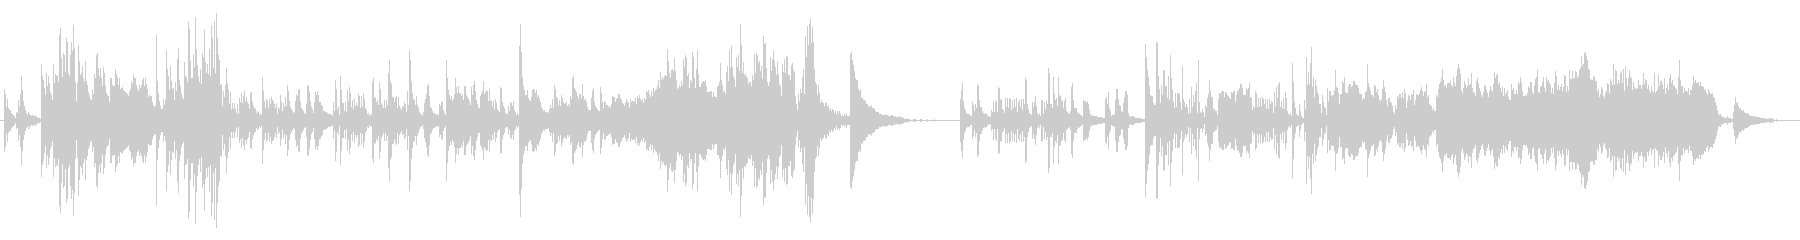 クラシカルでメロディアスなピアノサウンドの未再生の波形